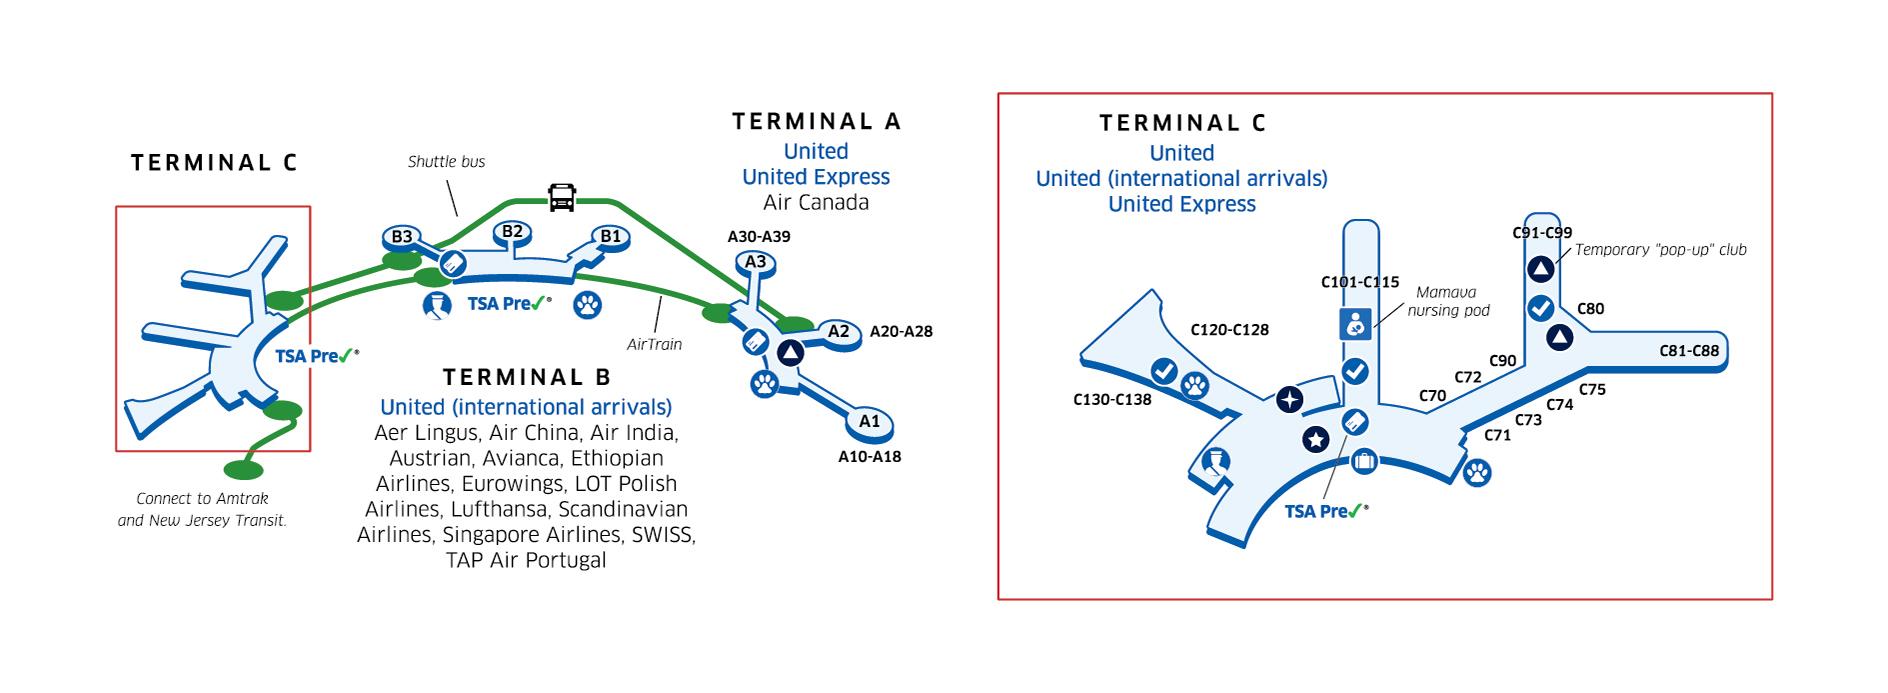 EWR Airport Terminal Map